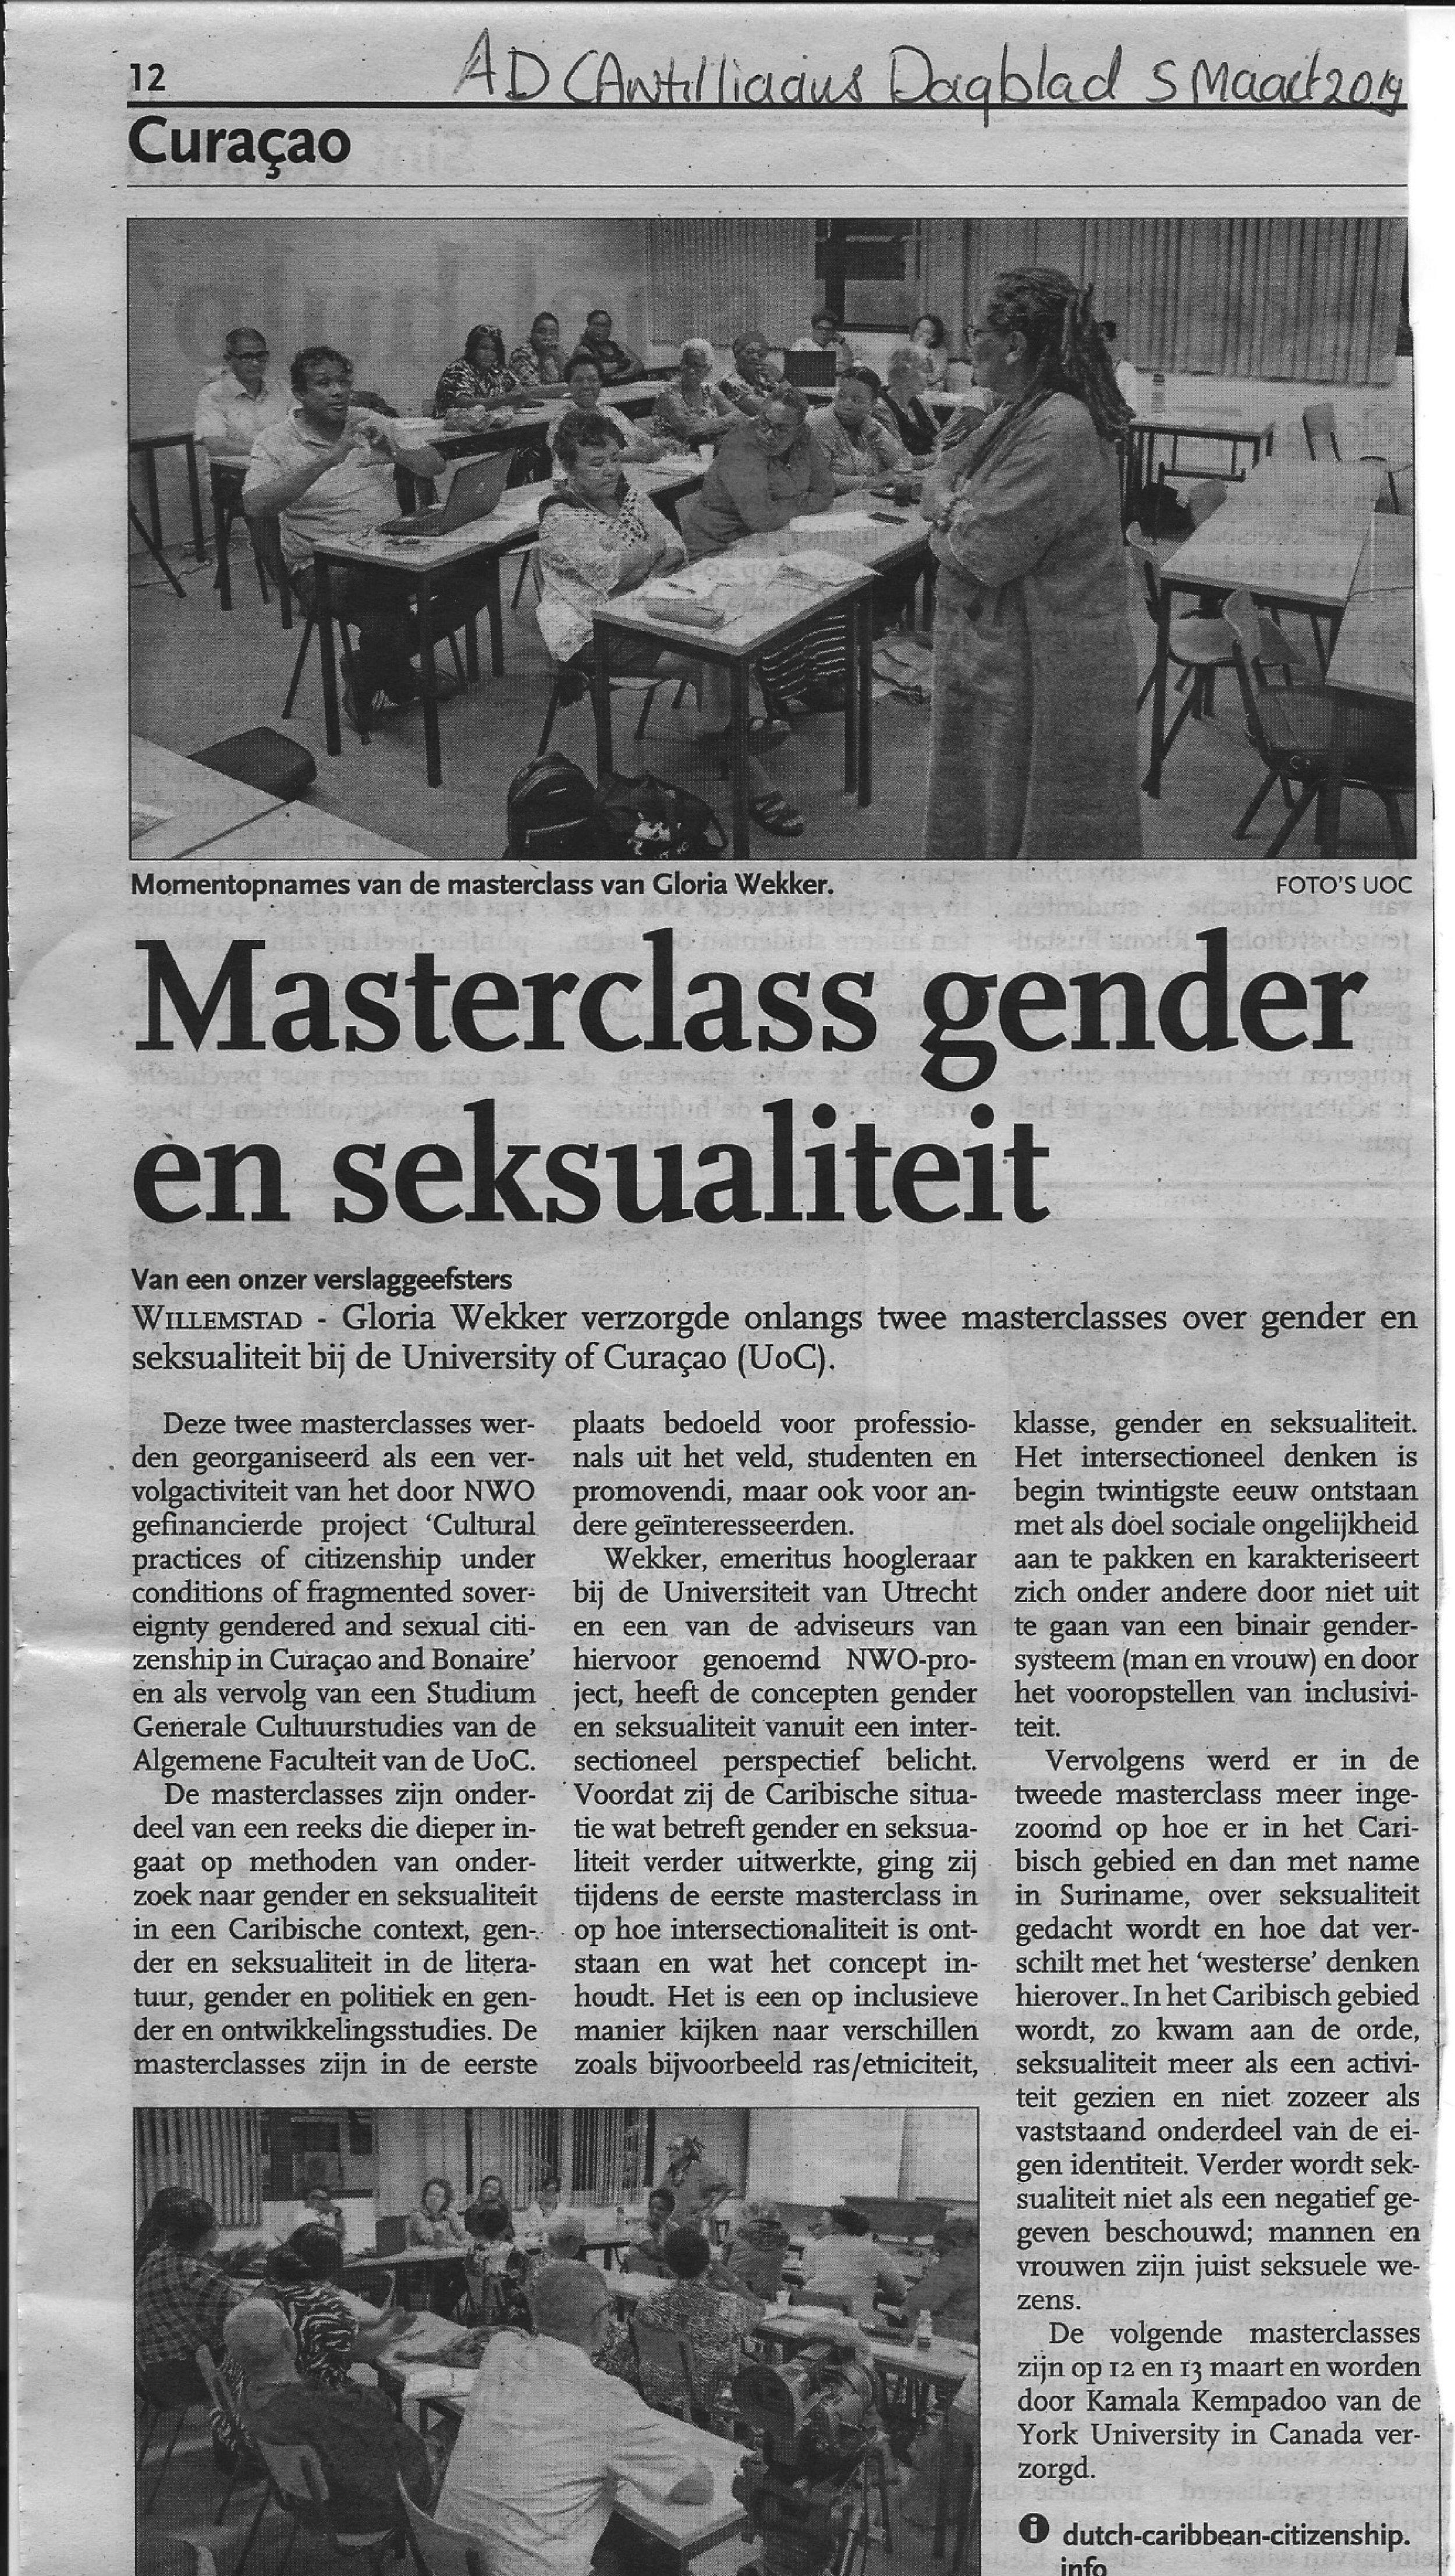 Article in Antilliaans Dagblad - March 5, 2019